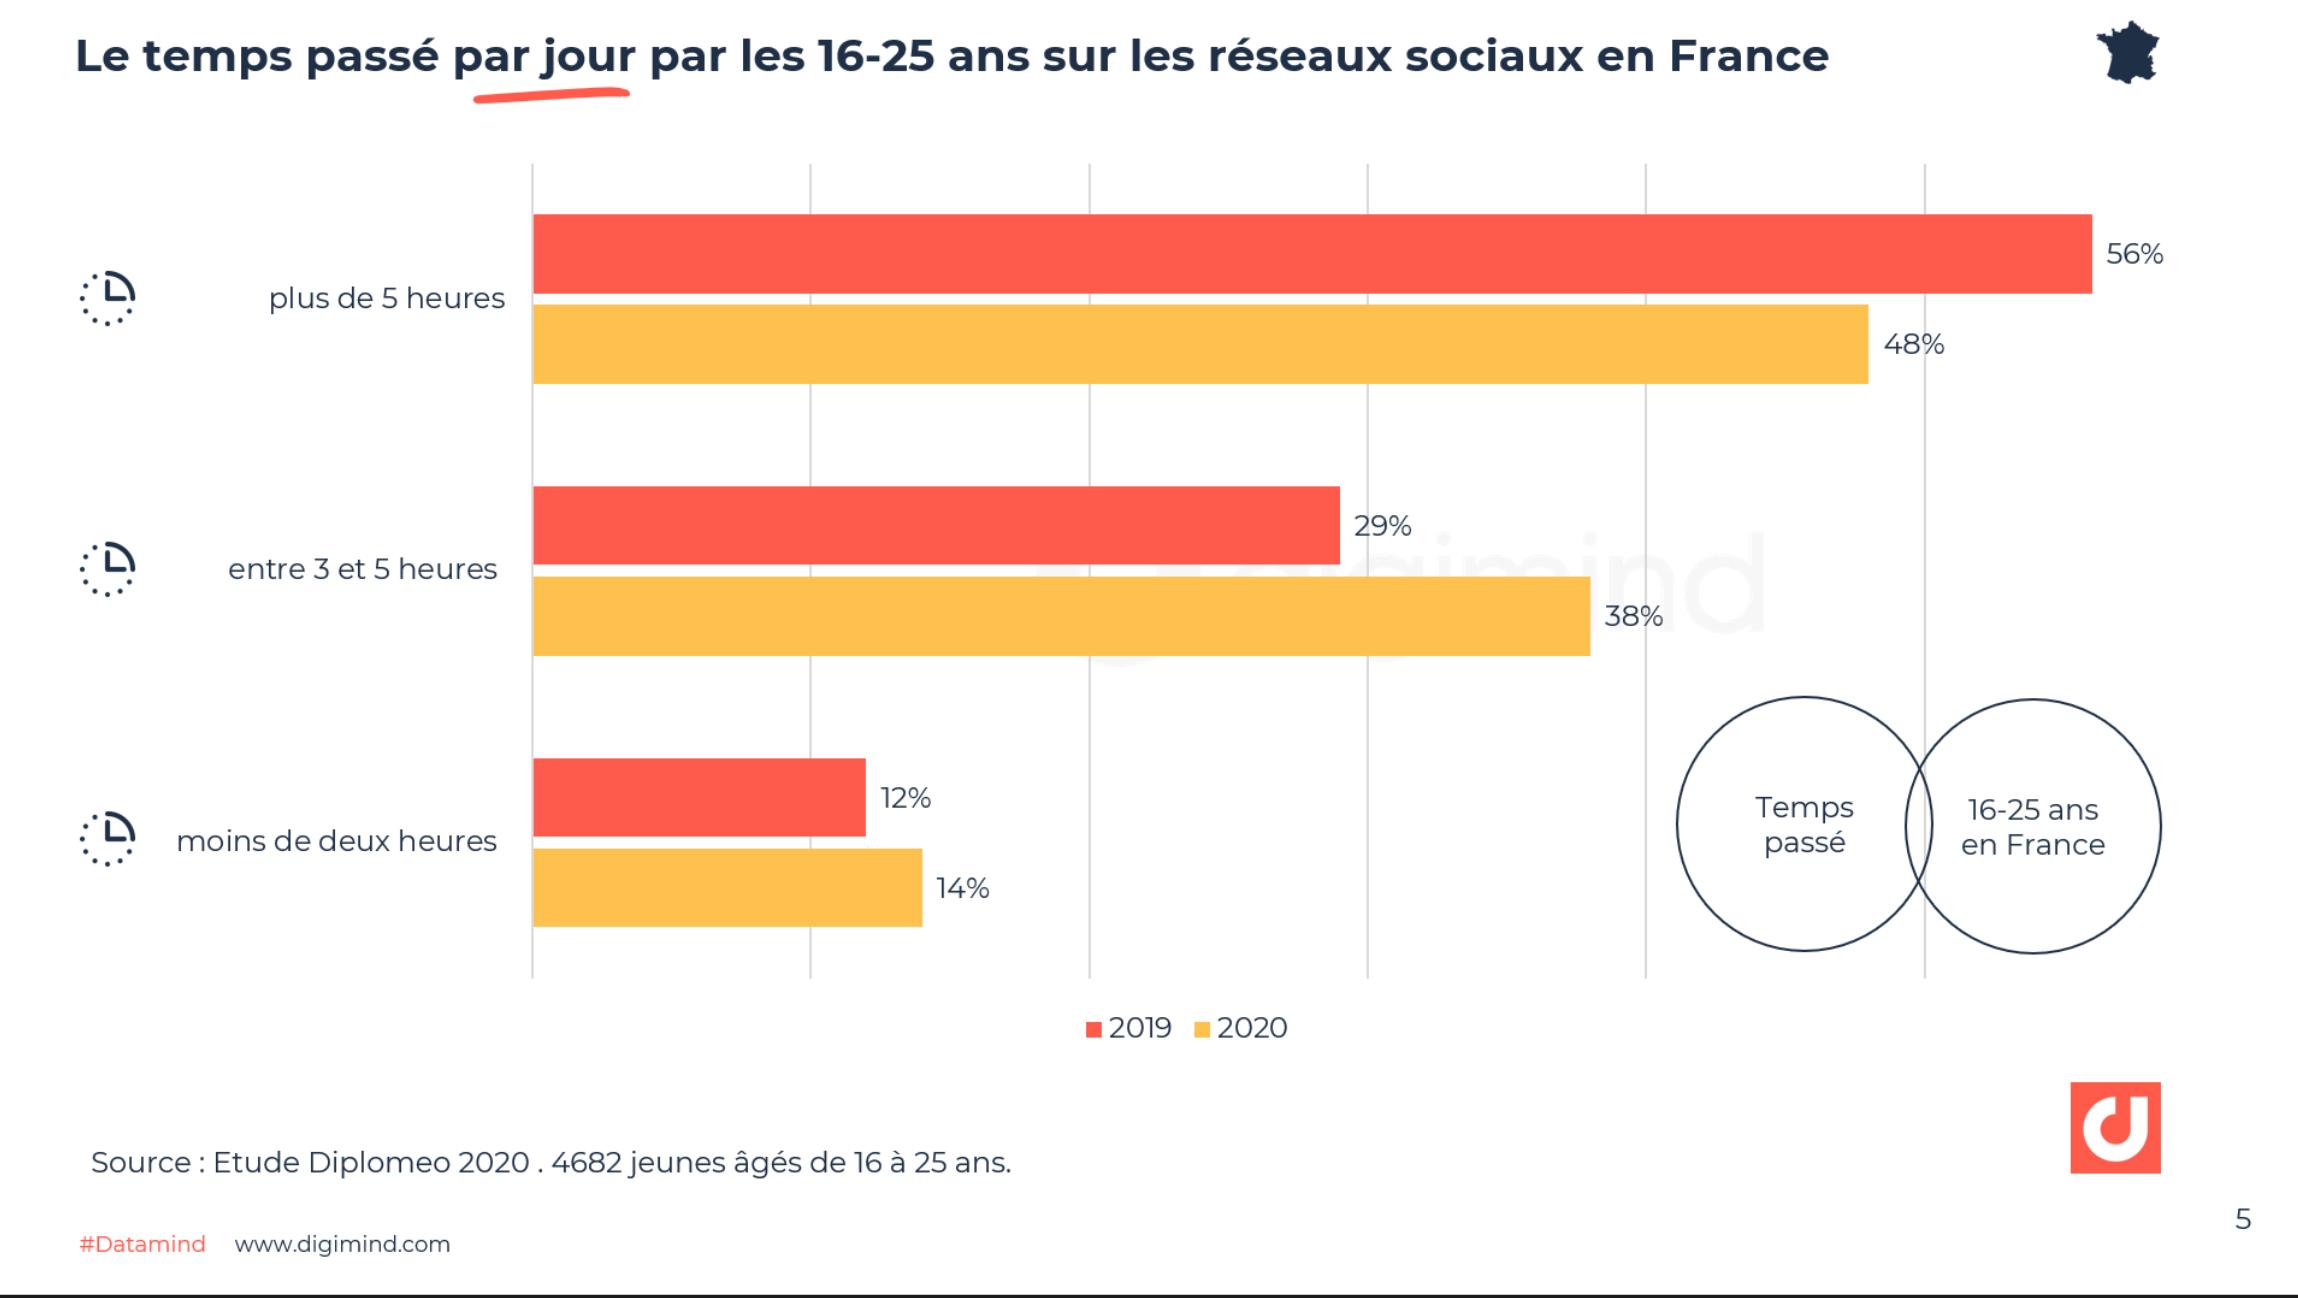 Le temps passé par jour par les 16-25 ans sur les réseaux sociaux en France